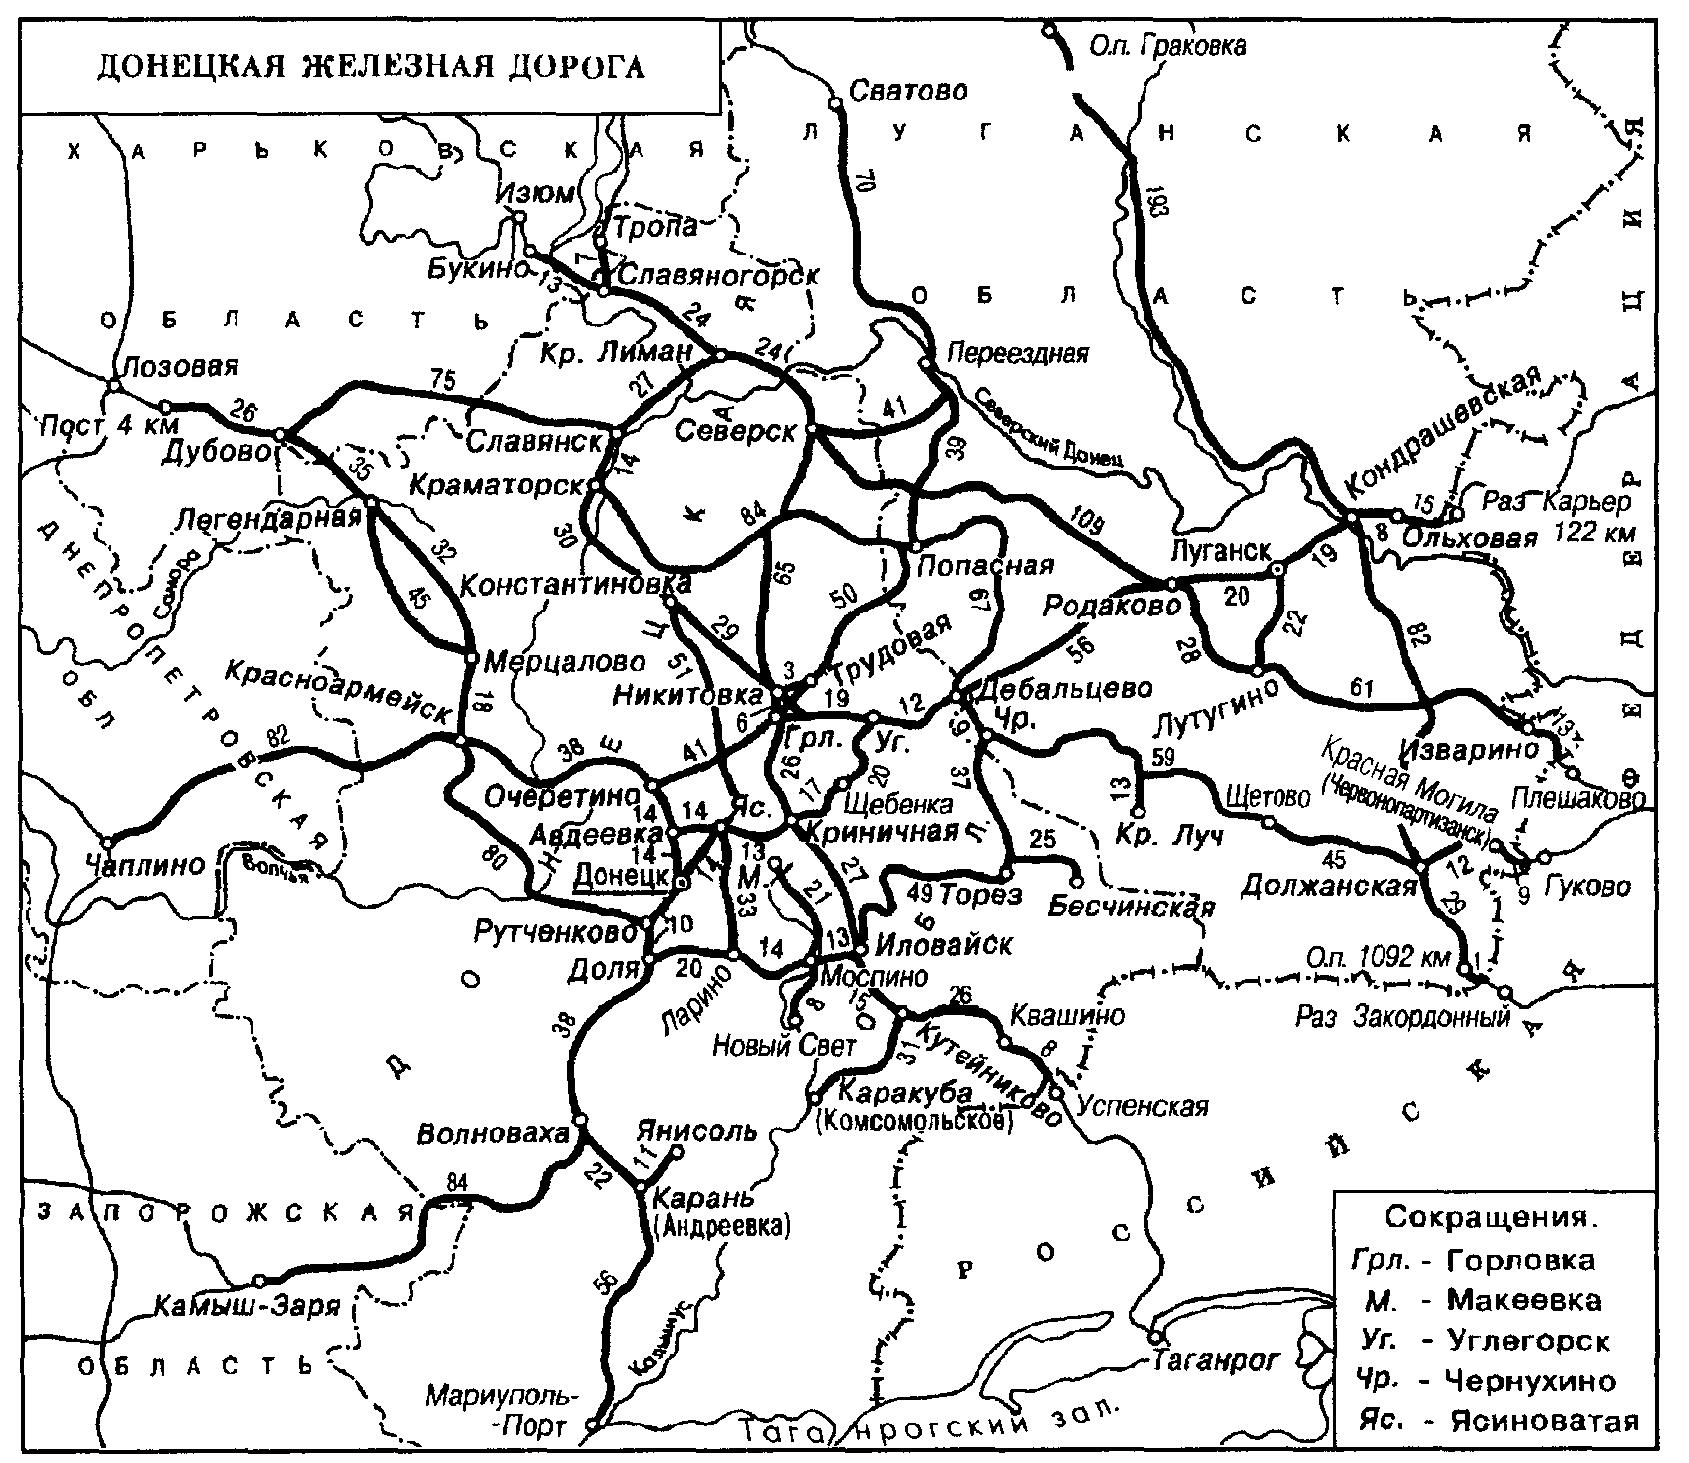 железная дорога украины схема